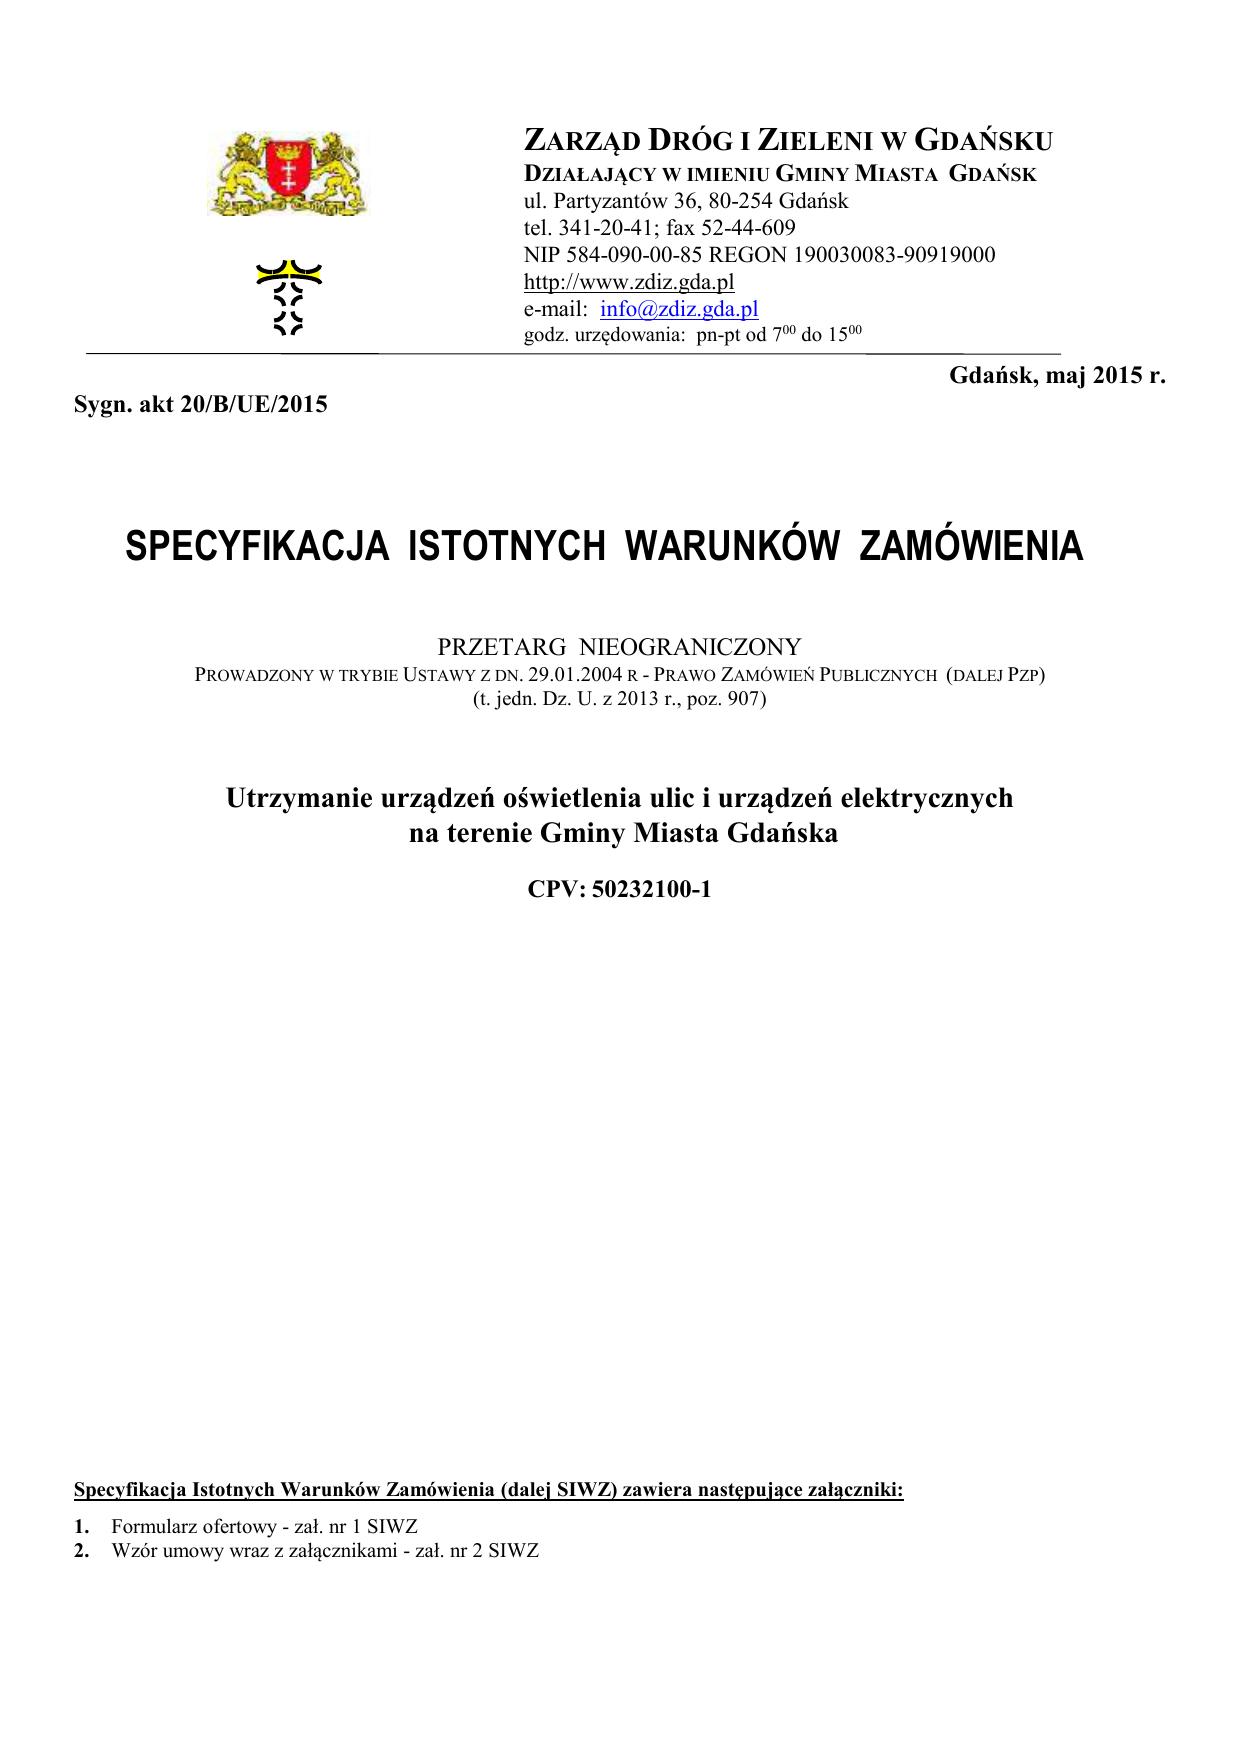 Specyfikacja Gdański Zarząd Dróg I Zieleni